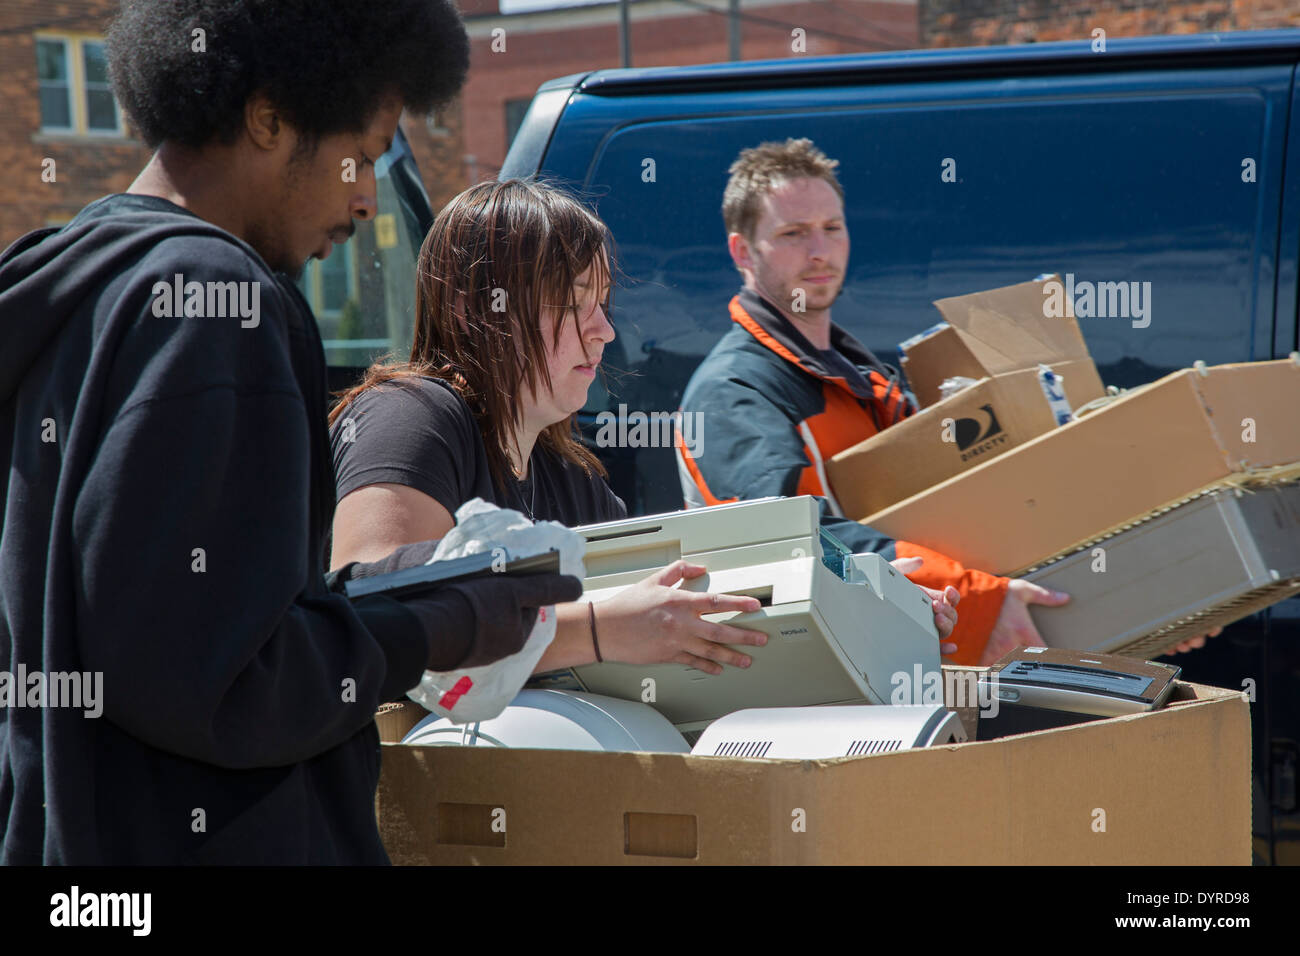 Detroit, Michigan - vieux et les articles électroniques sont collectés pour le recyclage à la Wayne State University. Photo Stock